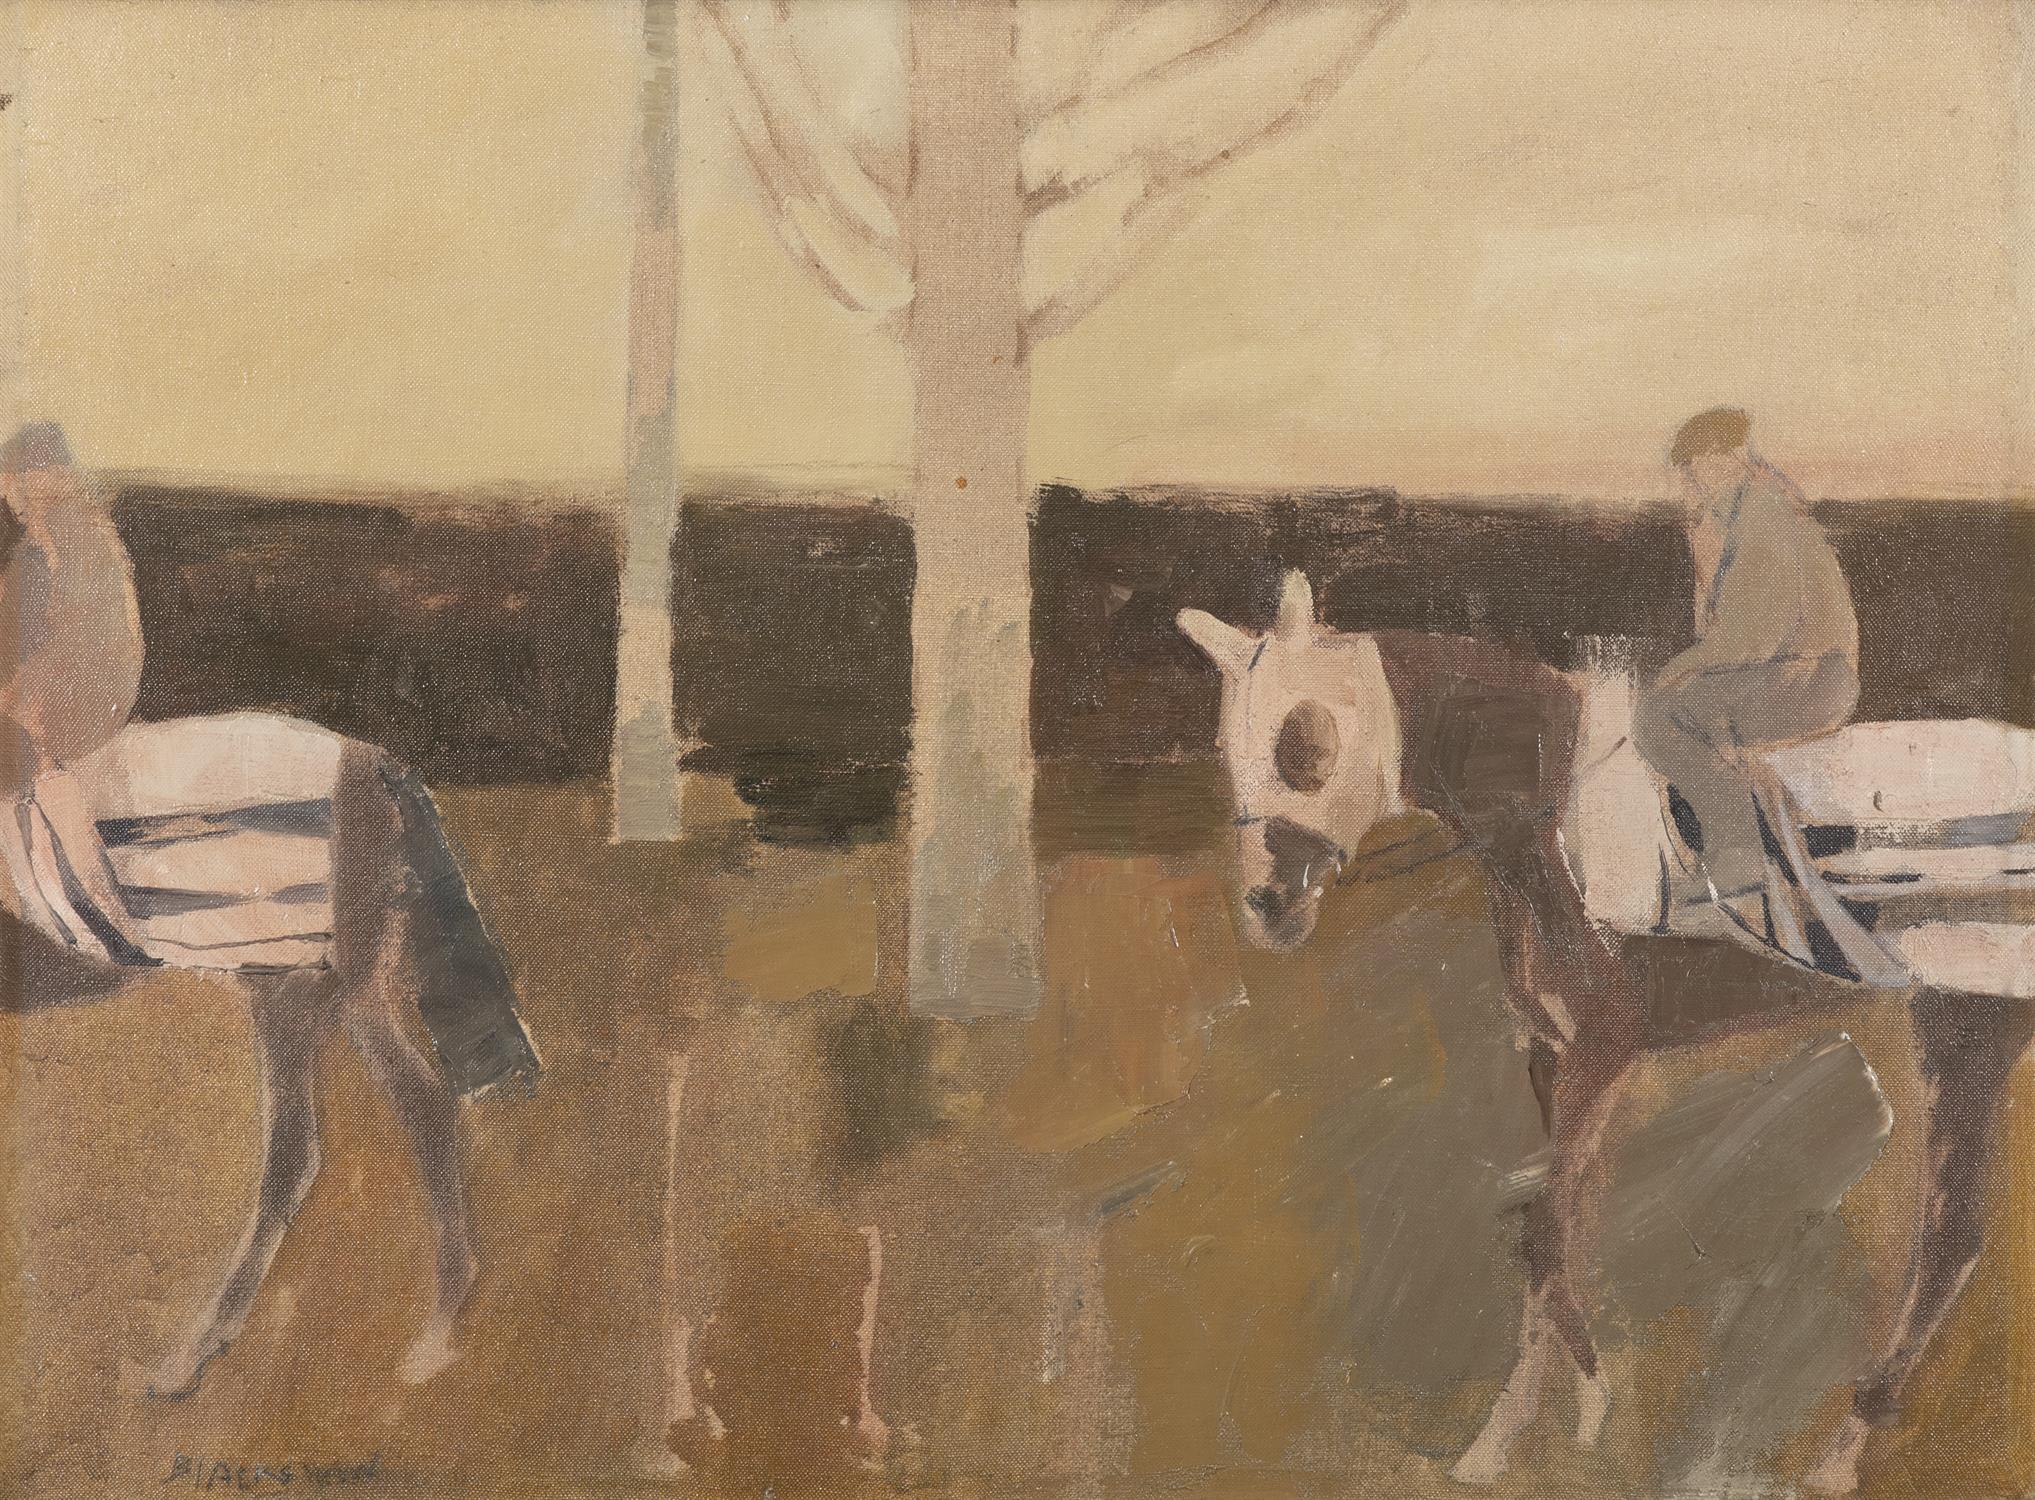 Basil Blackshaw HRHA RUA (1932-2016) Exercising Race Horses Oil on canvas, 45 x 60cm (17¾ x